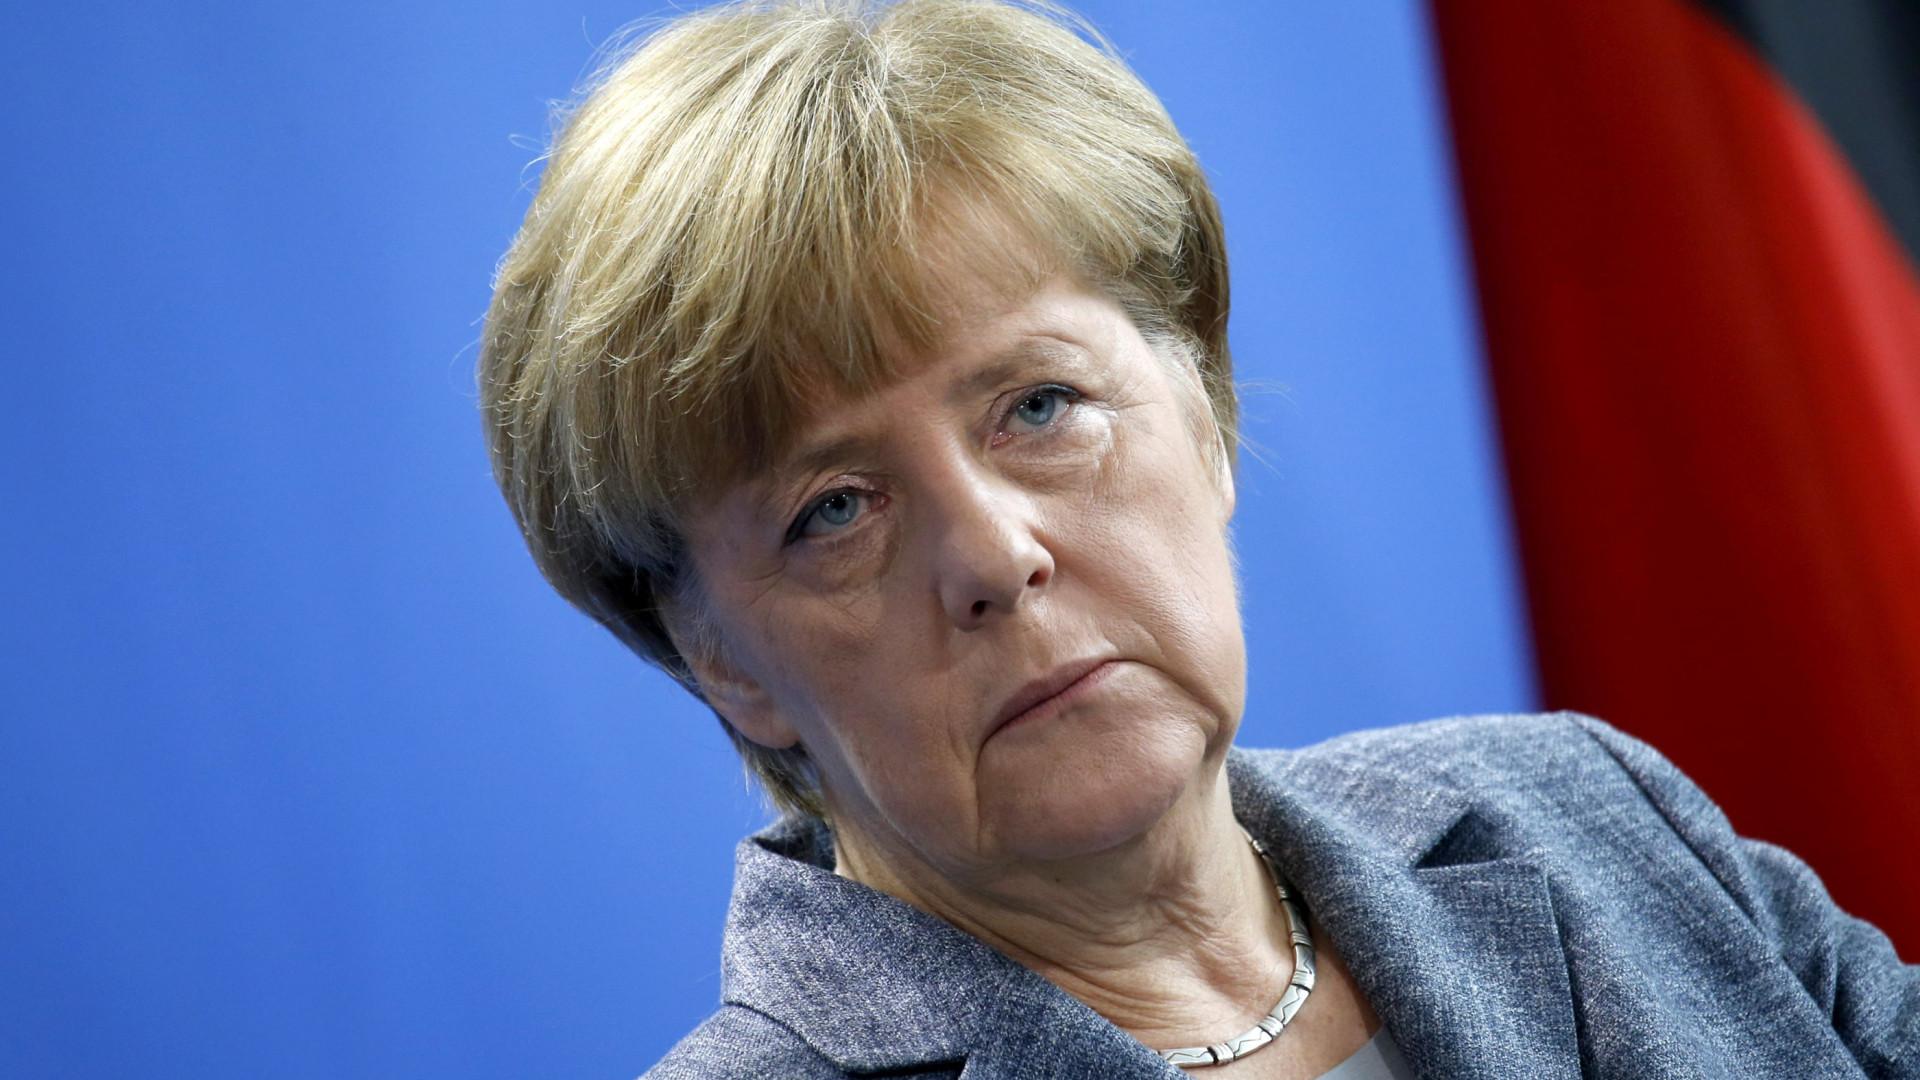 Merkel lembra terrorismo na  mensagem de fim de ano ao povo alemão